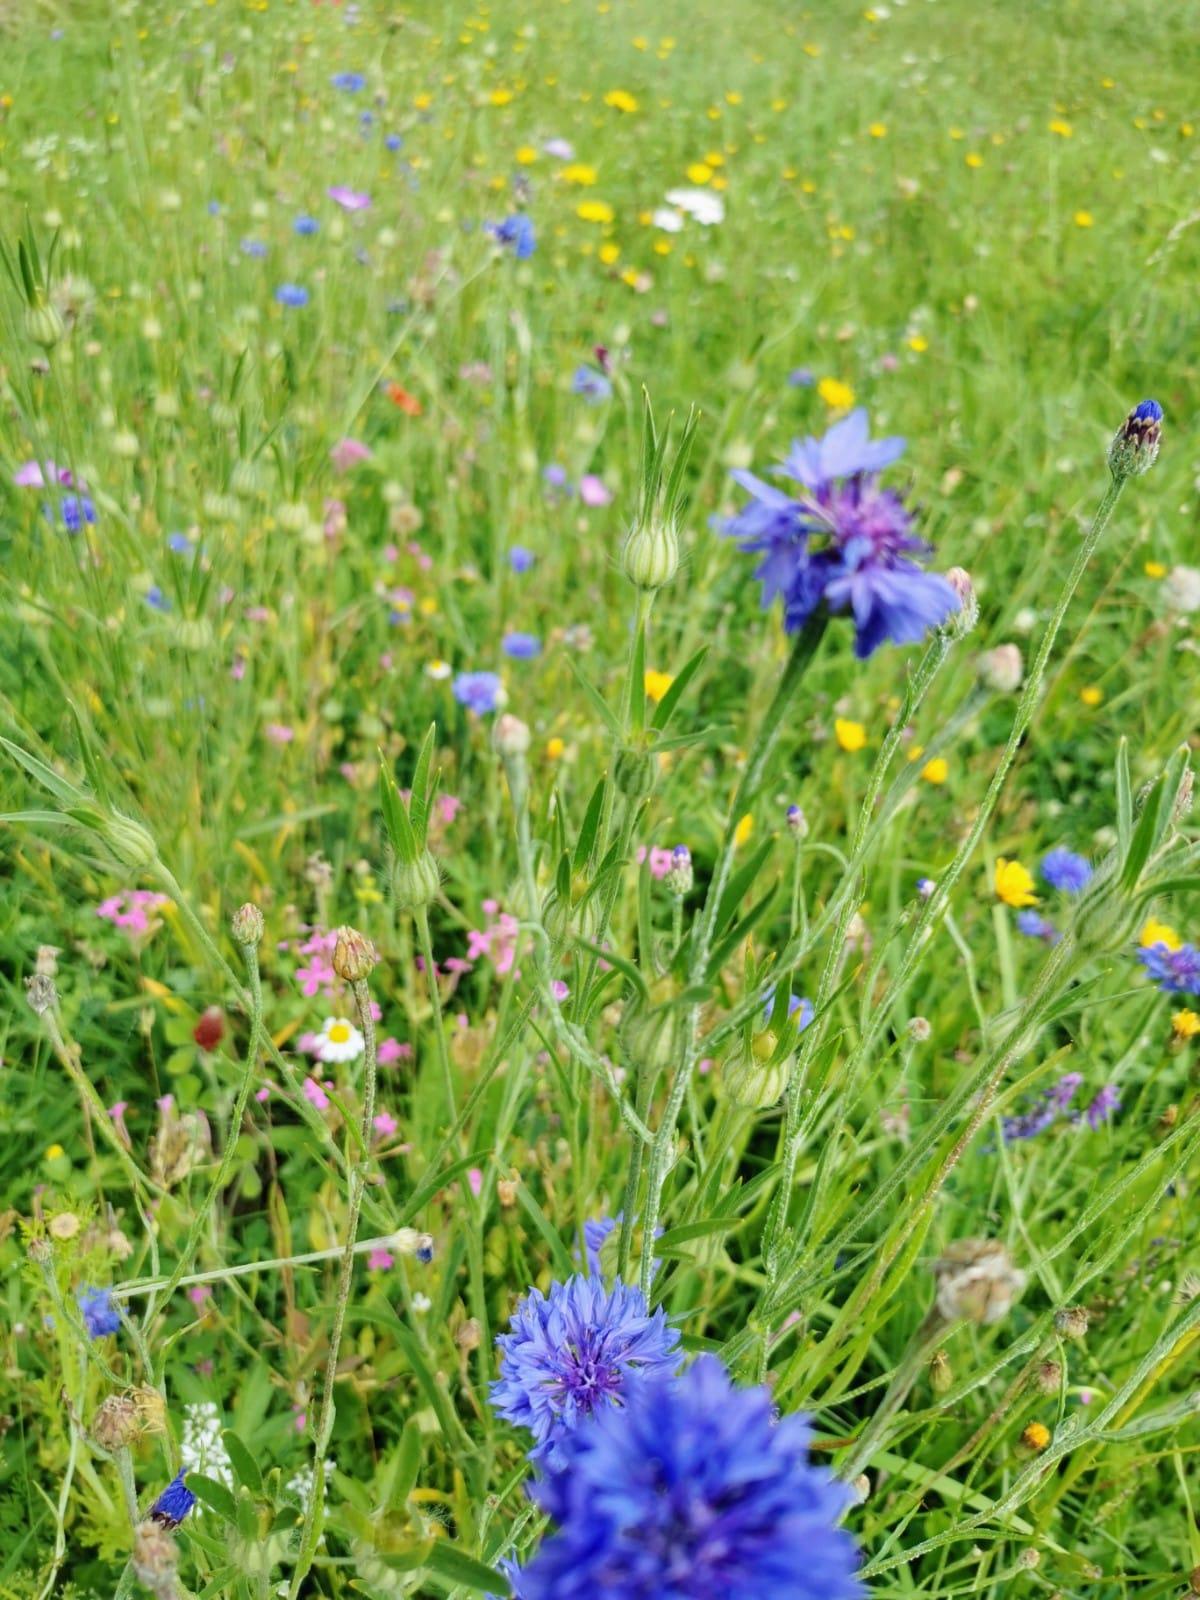 Blühstreifen - Bio Imkerei Bramreither - Mühlviertel - Rohrbach - Helfenberg - Penning - Blaue Blumen